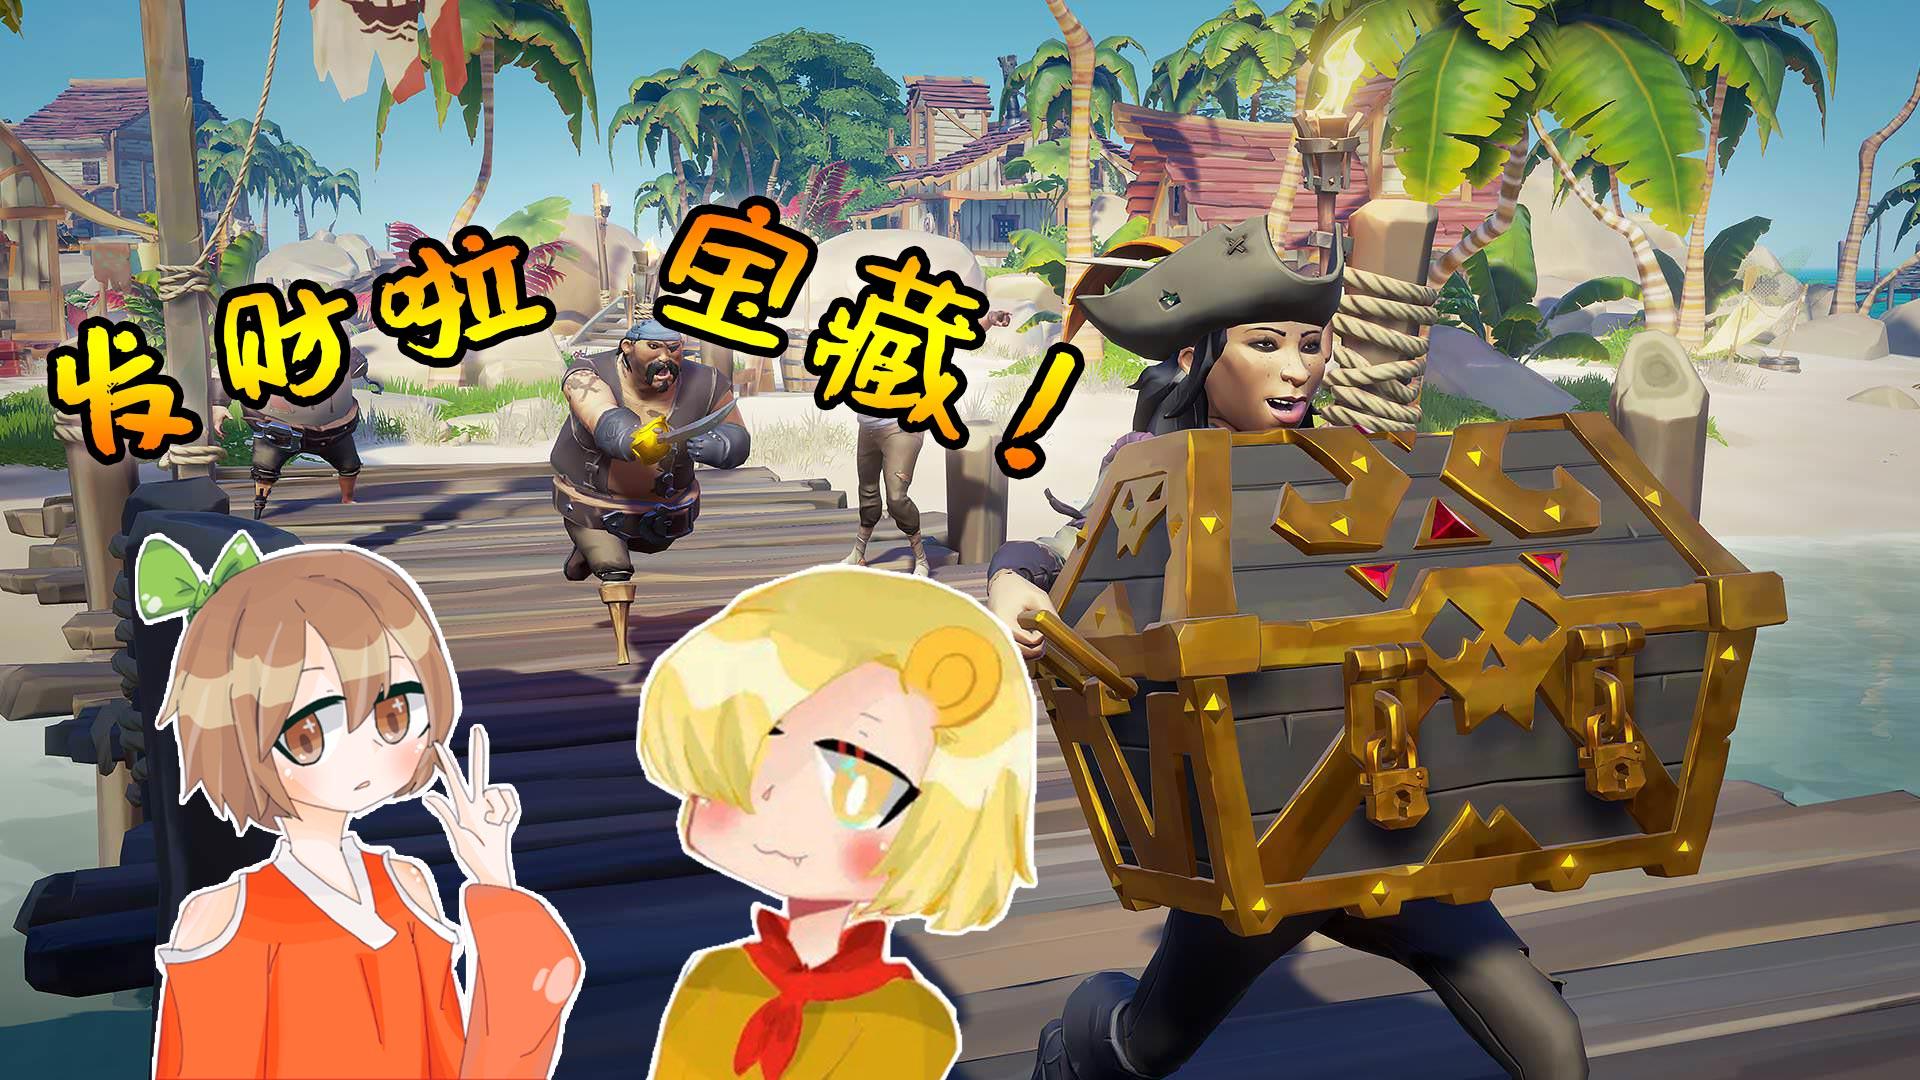 【天骐】盗贼之海欢乐时刻01 我们要去寻找one piece!